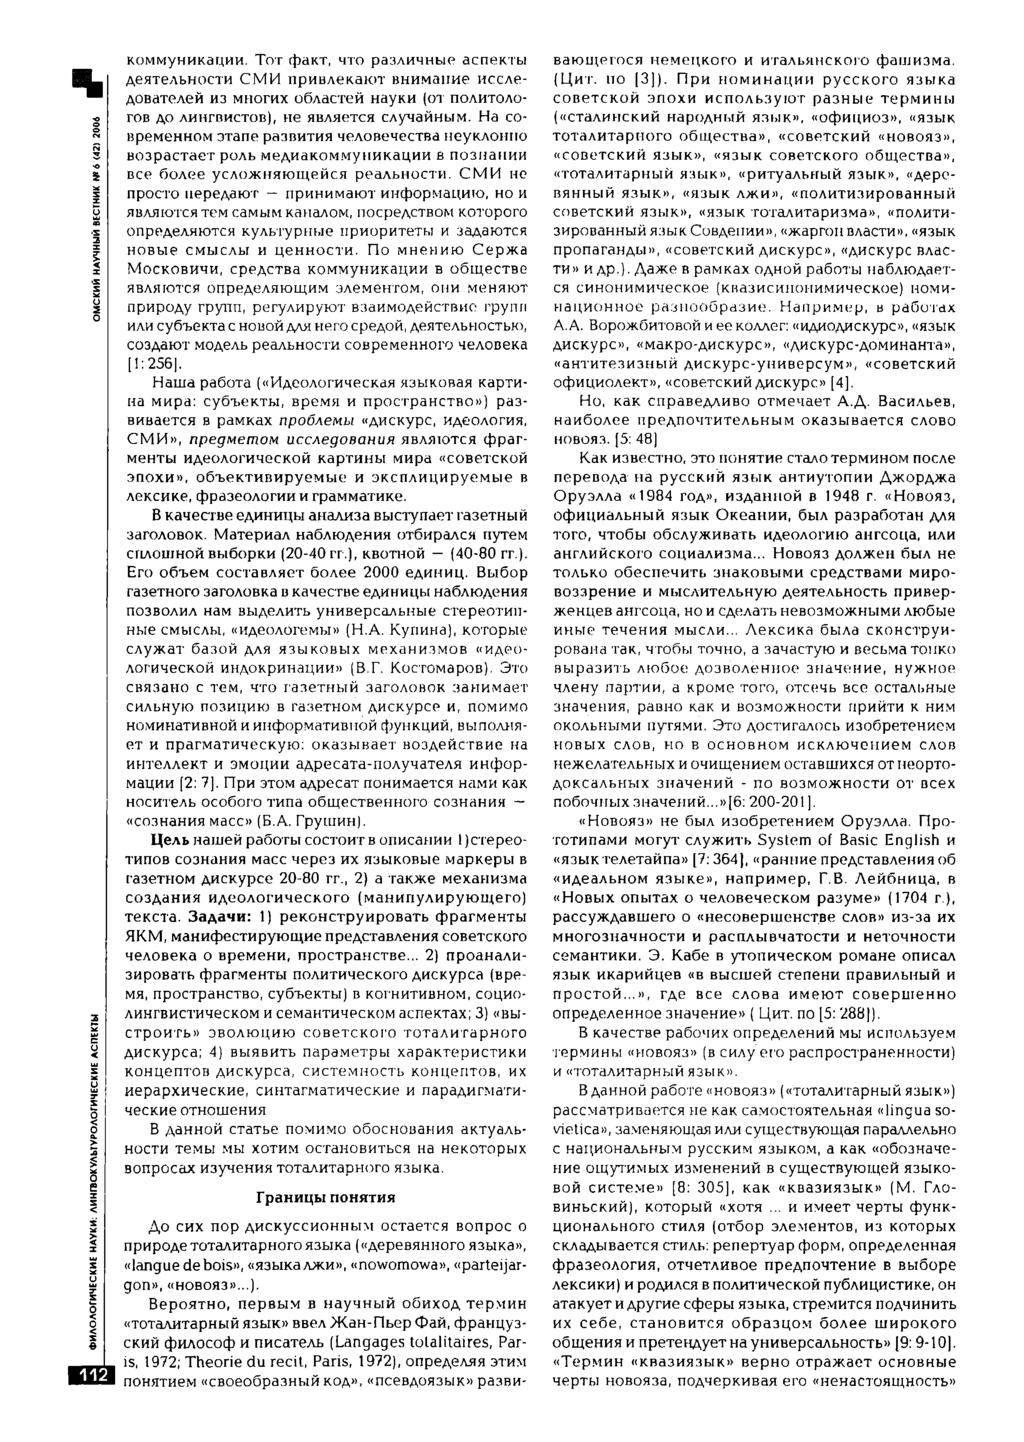 Психология: обязательство - бесплатные статьи по психологии в доме солнца